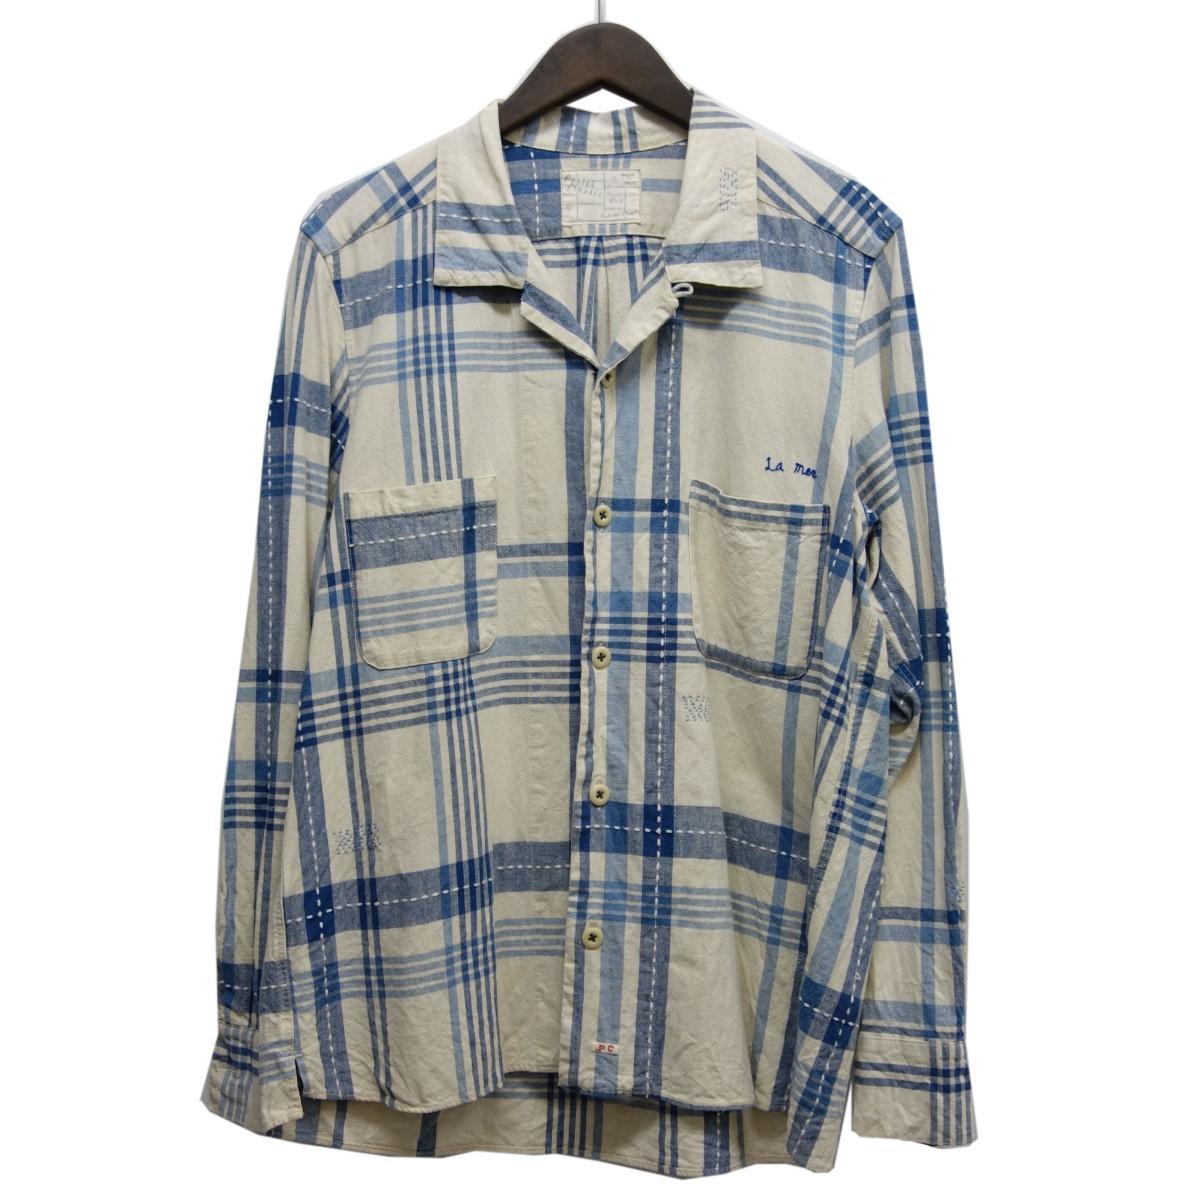 【中古】Porter Classic コットン×リネンハンドワークチェックシャツジャケット オフホワイト×ブルー サイズ:S 【100420】(ポータークラシック)